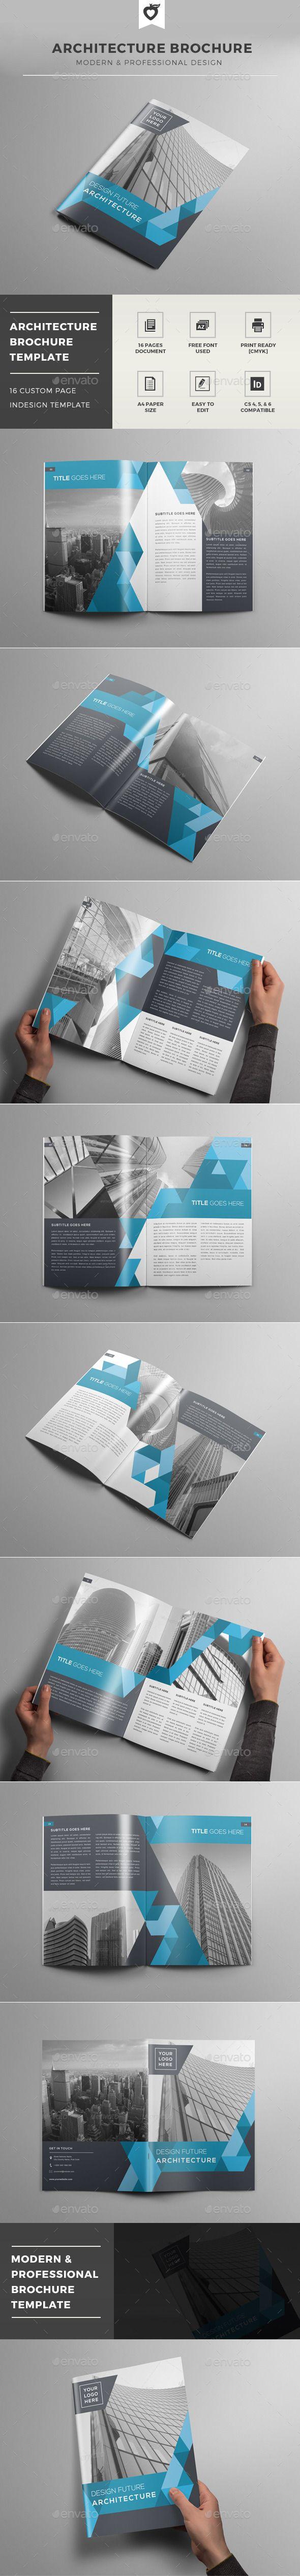 Architecture Brochure Template Design Download Httpgraphicriver